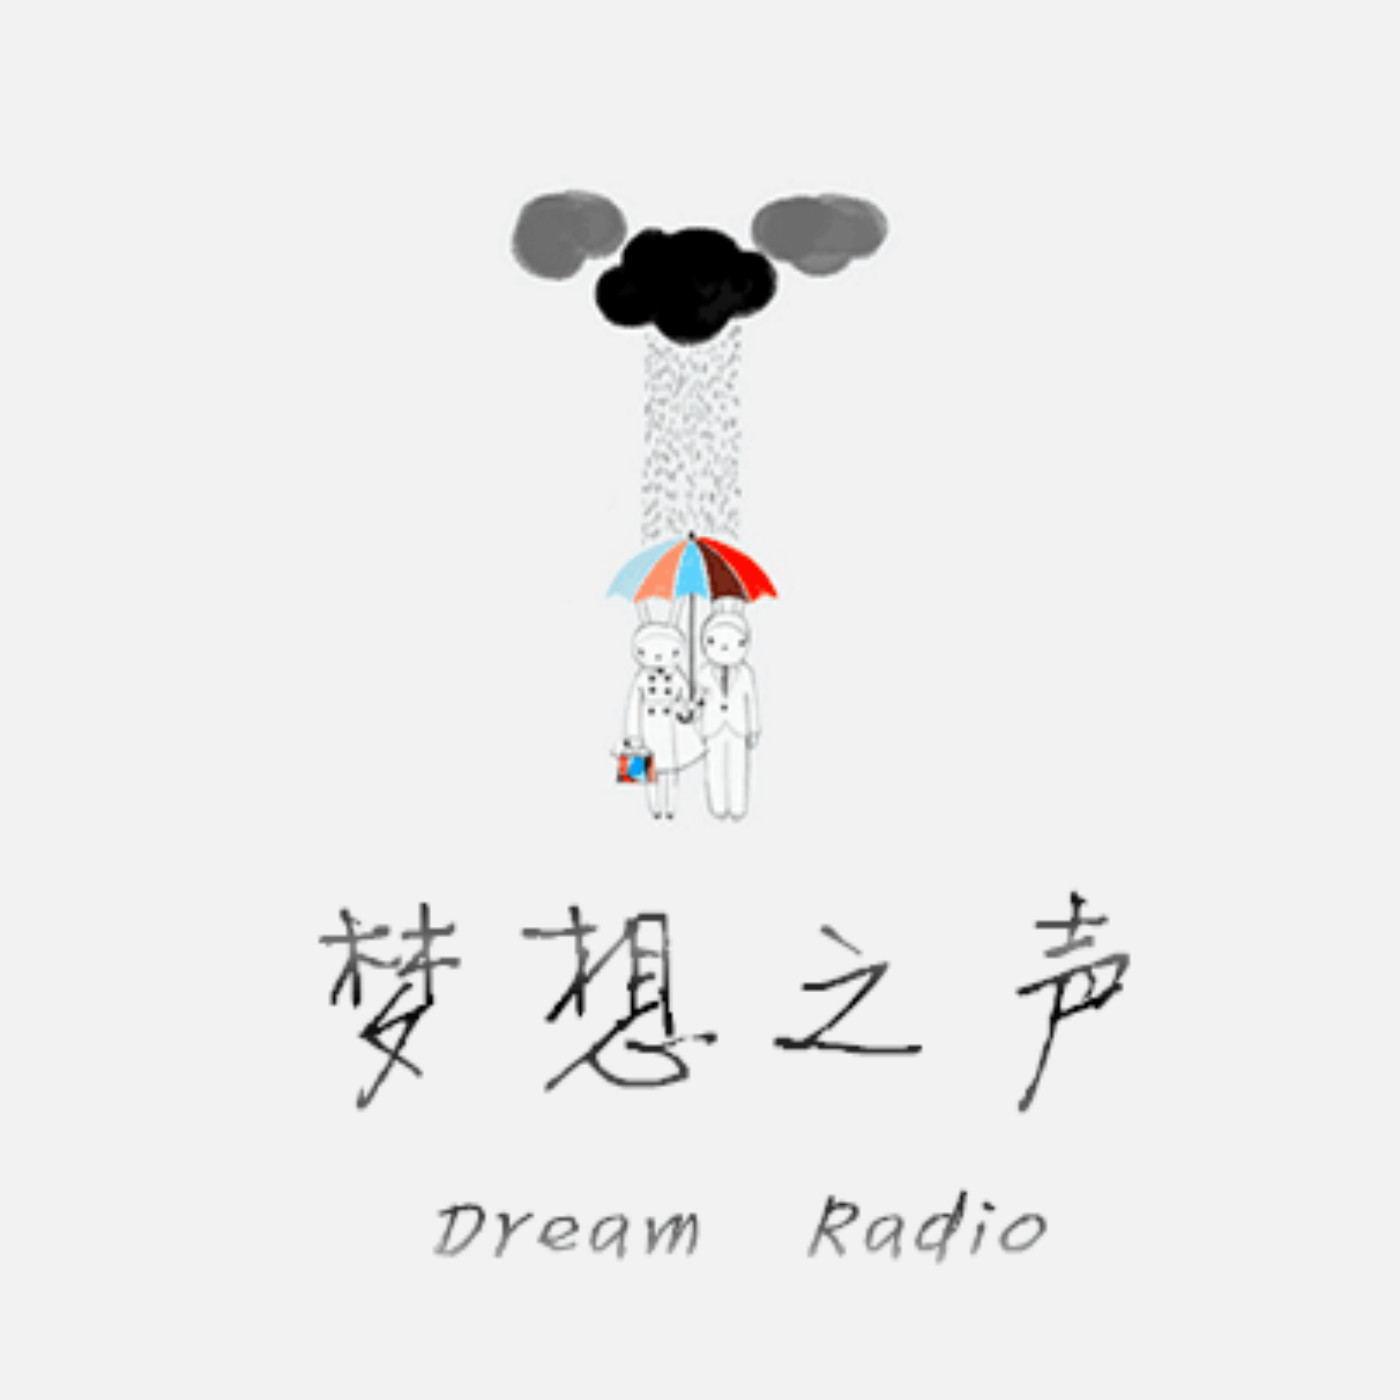 梦想之声音乐台